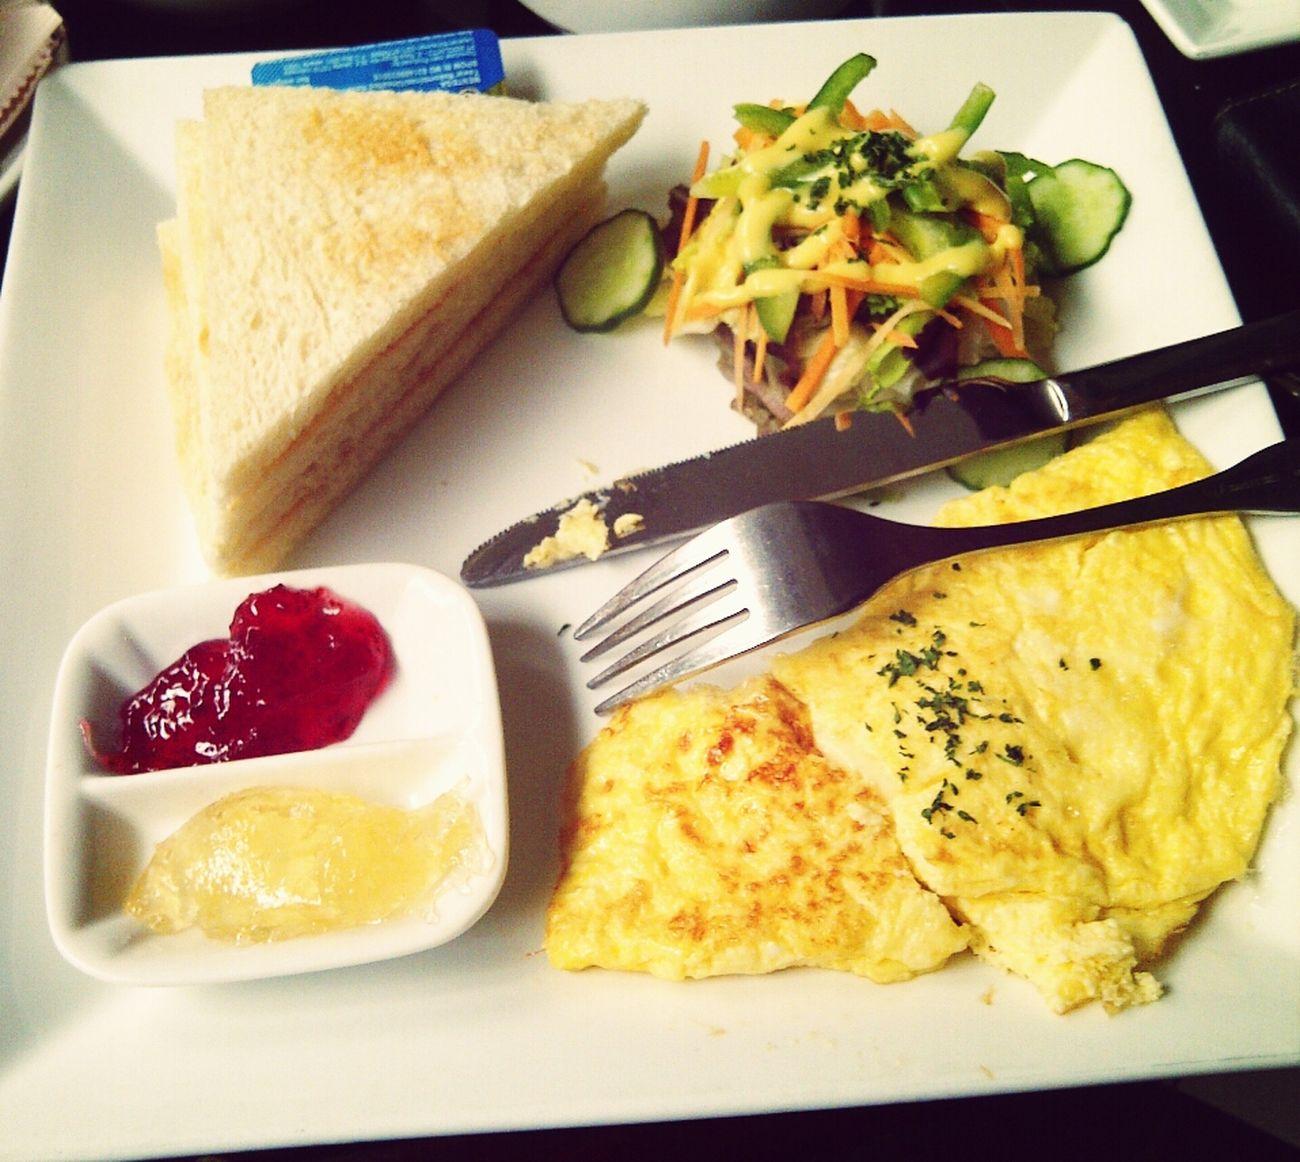 Eating Good Morning#breakfast